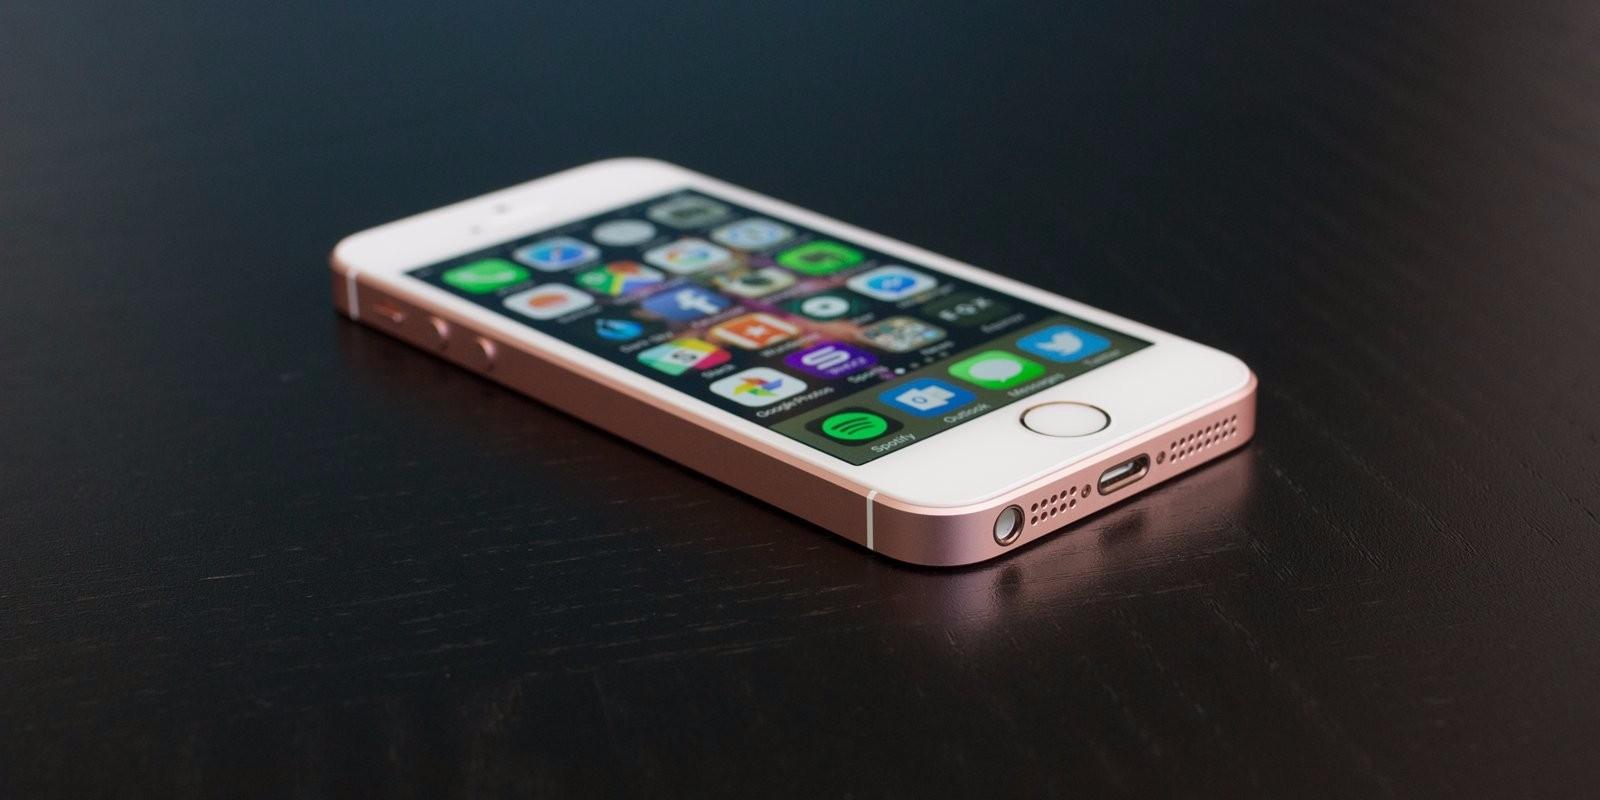 Слухи: Apple выпустит iPhoneSE 2-го поколения в следующем 2018 году